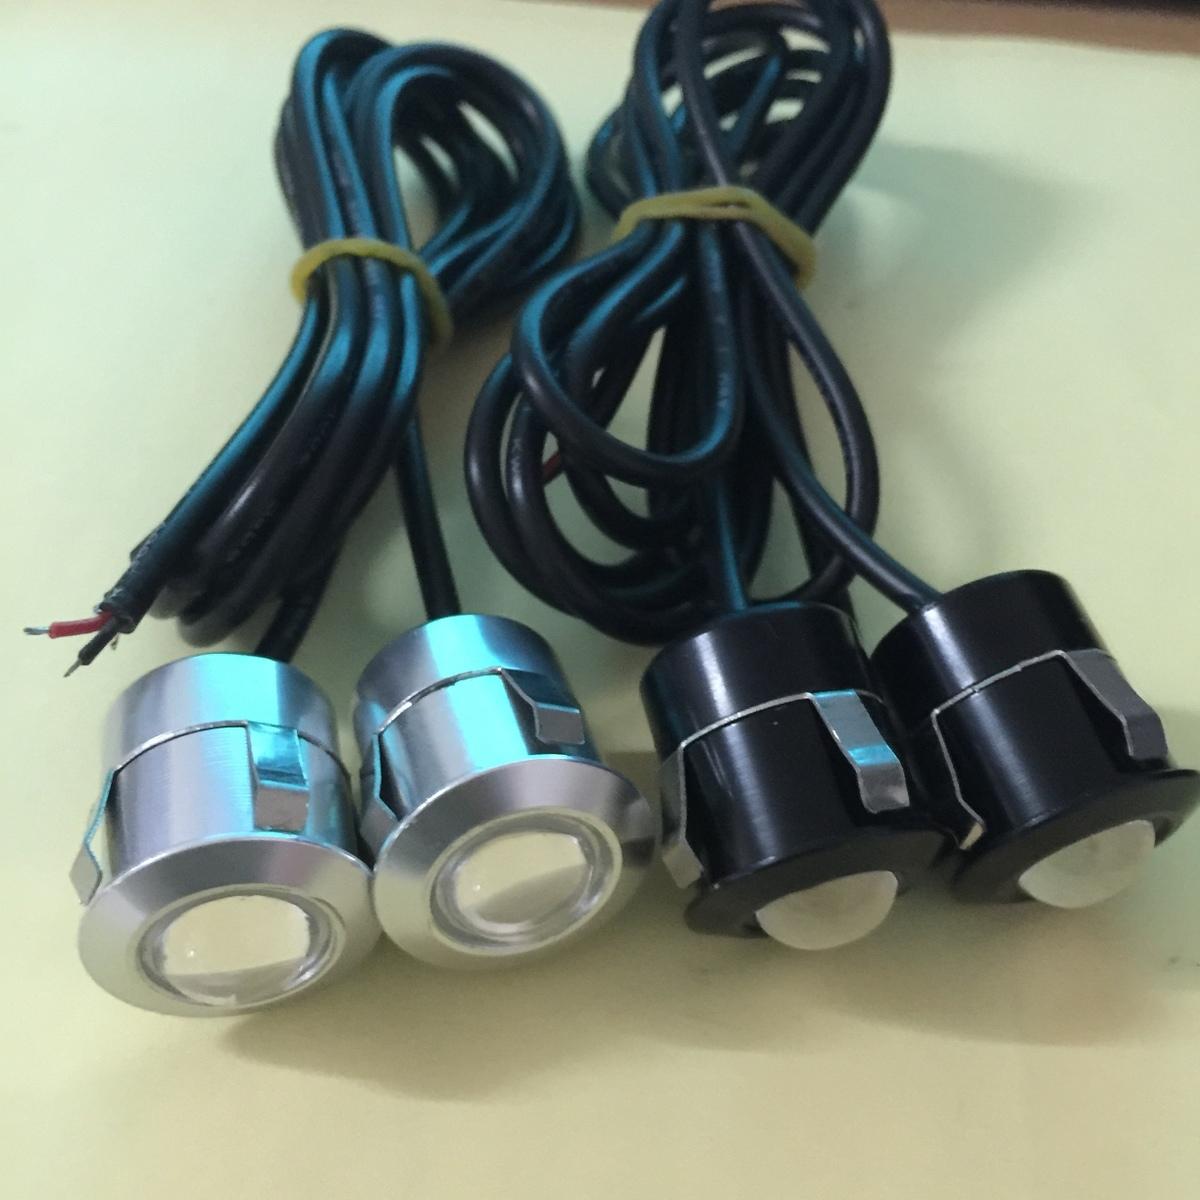 自動車12 v超薄型のステルス防水カードの口式レーダーイーグル・アイ灯LED日行ランプのごろつきの逆ランプ